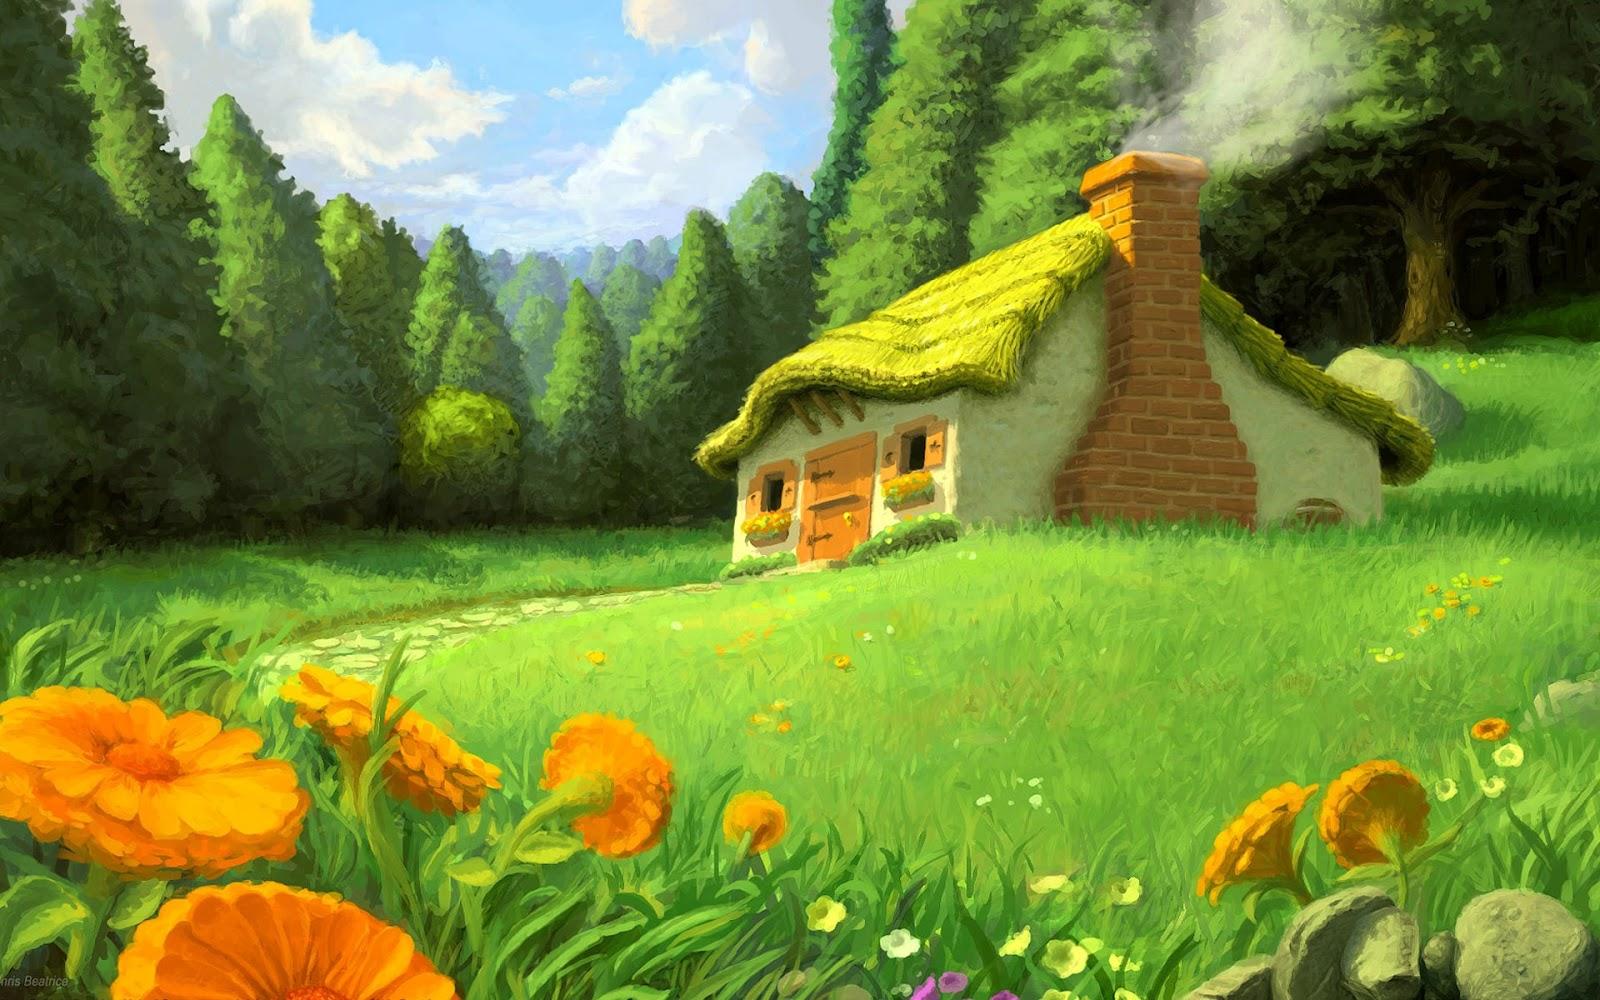 http://1.bp.blogspot.com/-OzQwkF2CiW8/T9oVYn89mTI/AAAAAAAAAWQ/VBkpc8dkB2Q/s1600/wildernesswallpapers-painting-nature-background-art.jpg